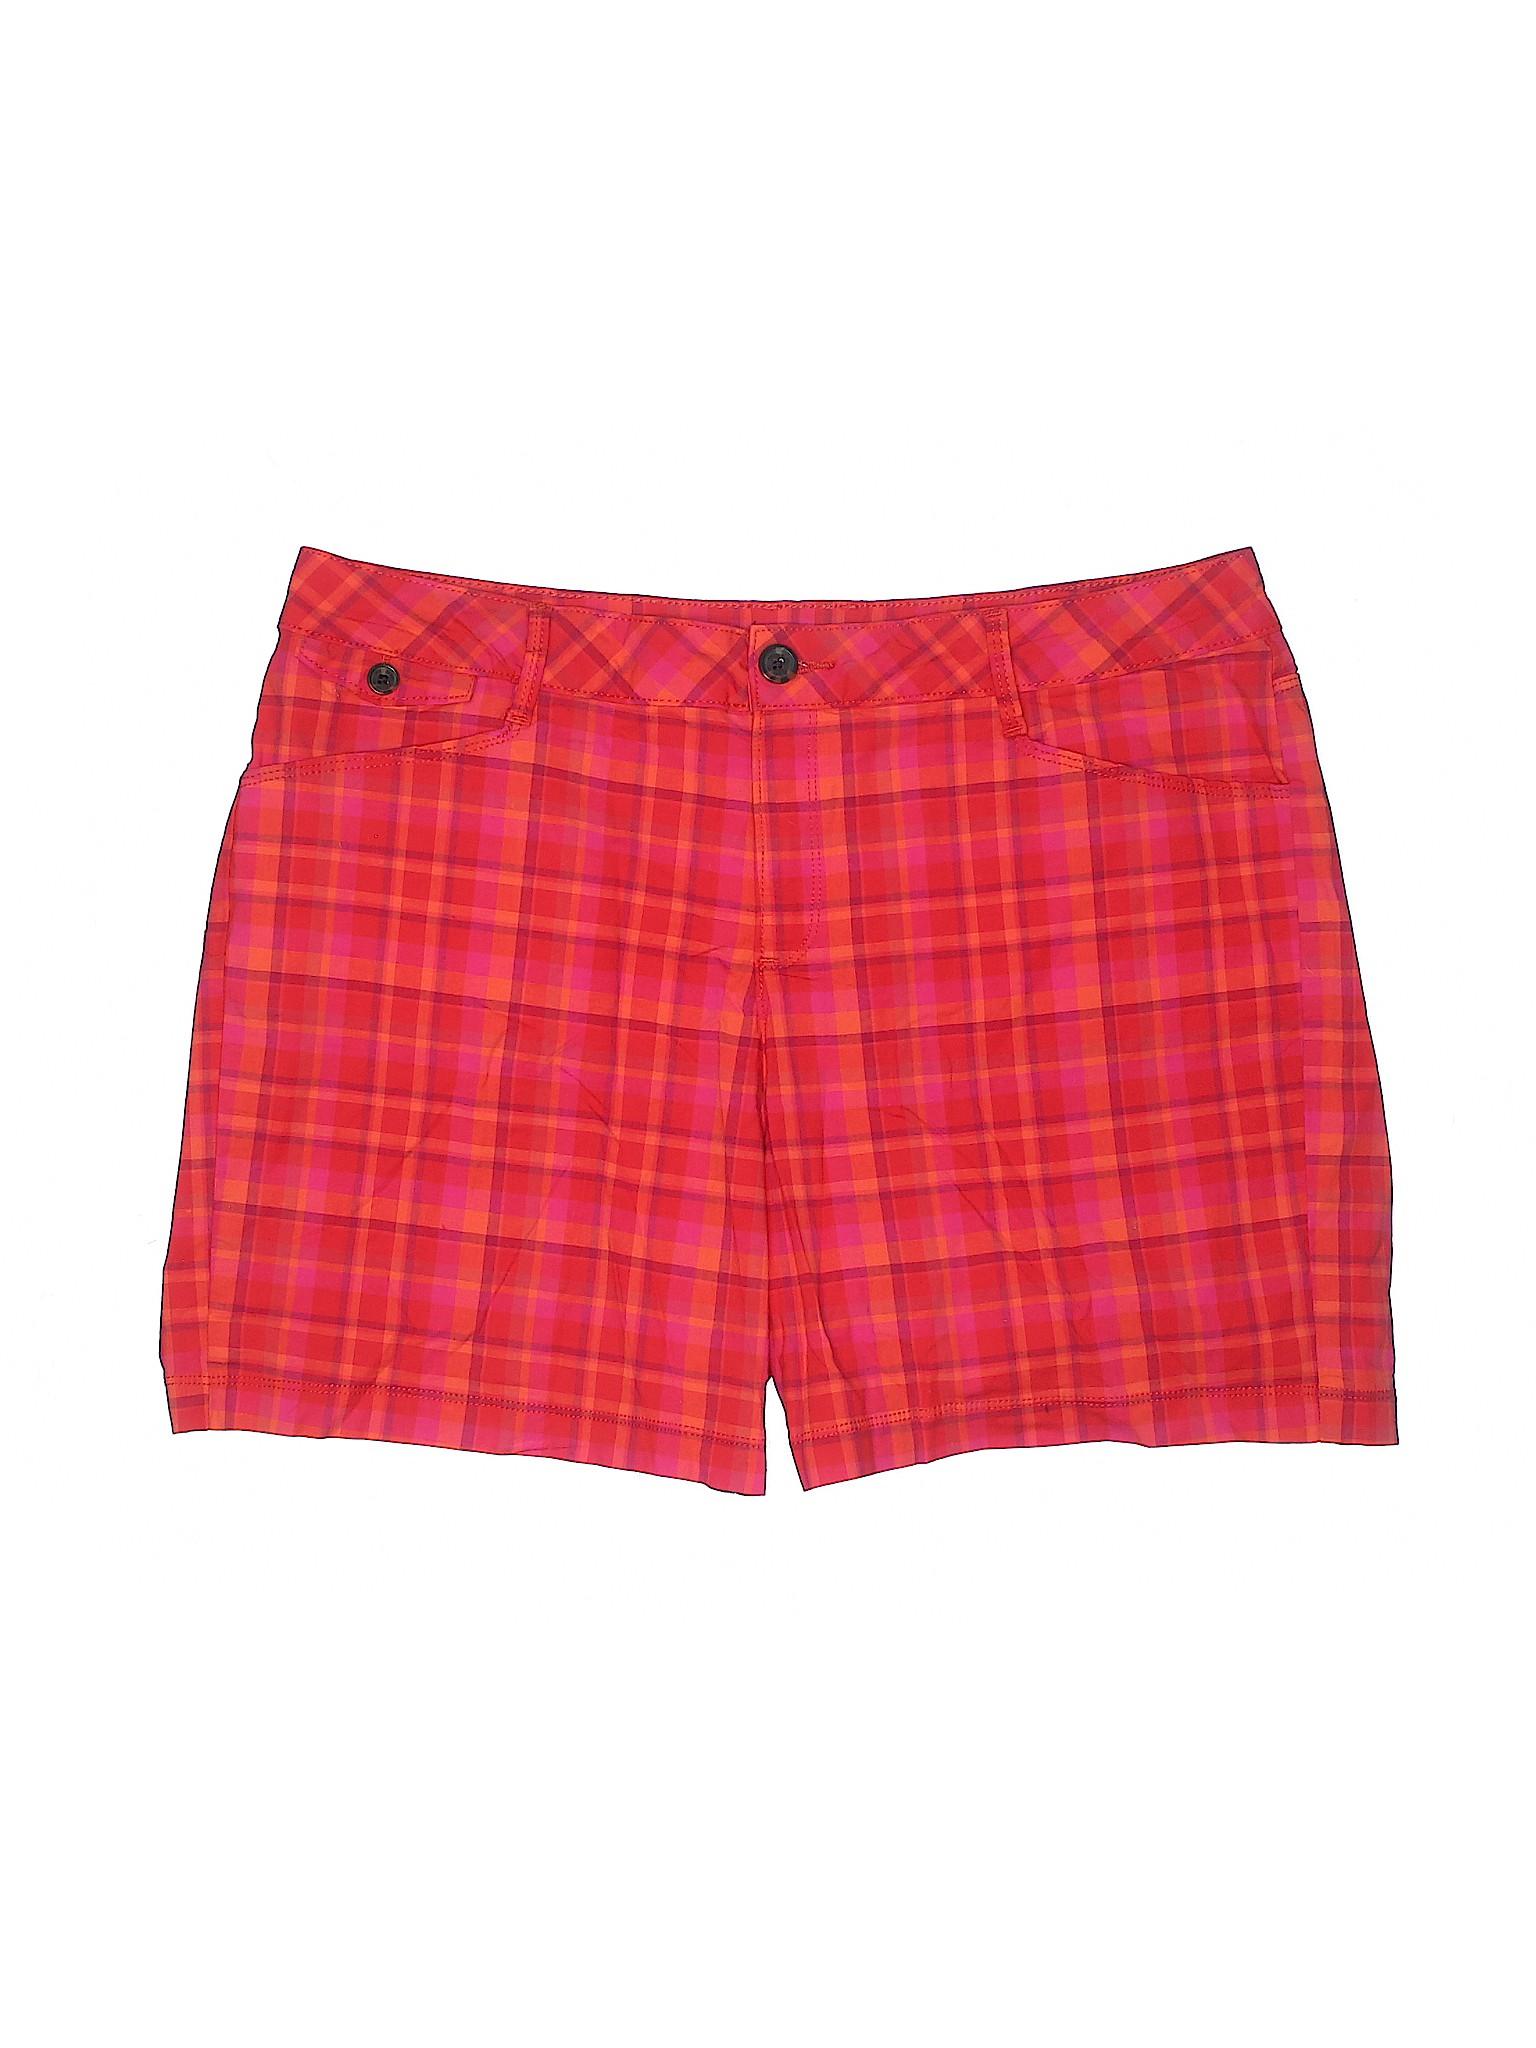 Boutique Boutique Lee Shorts Lee Khaki d7dwPx